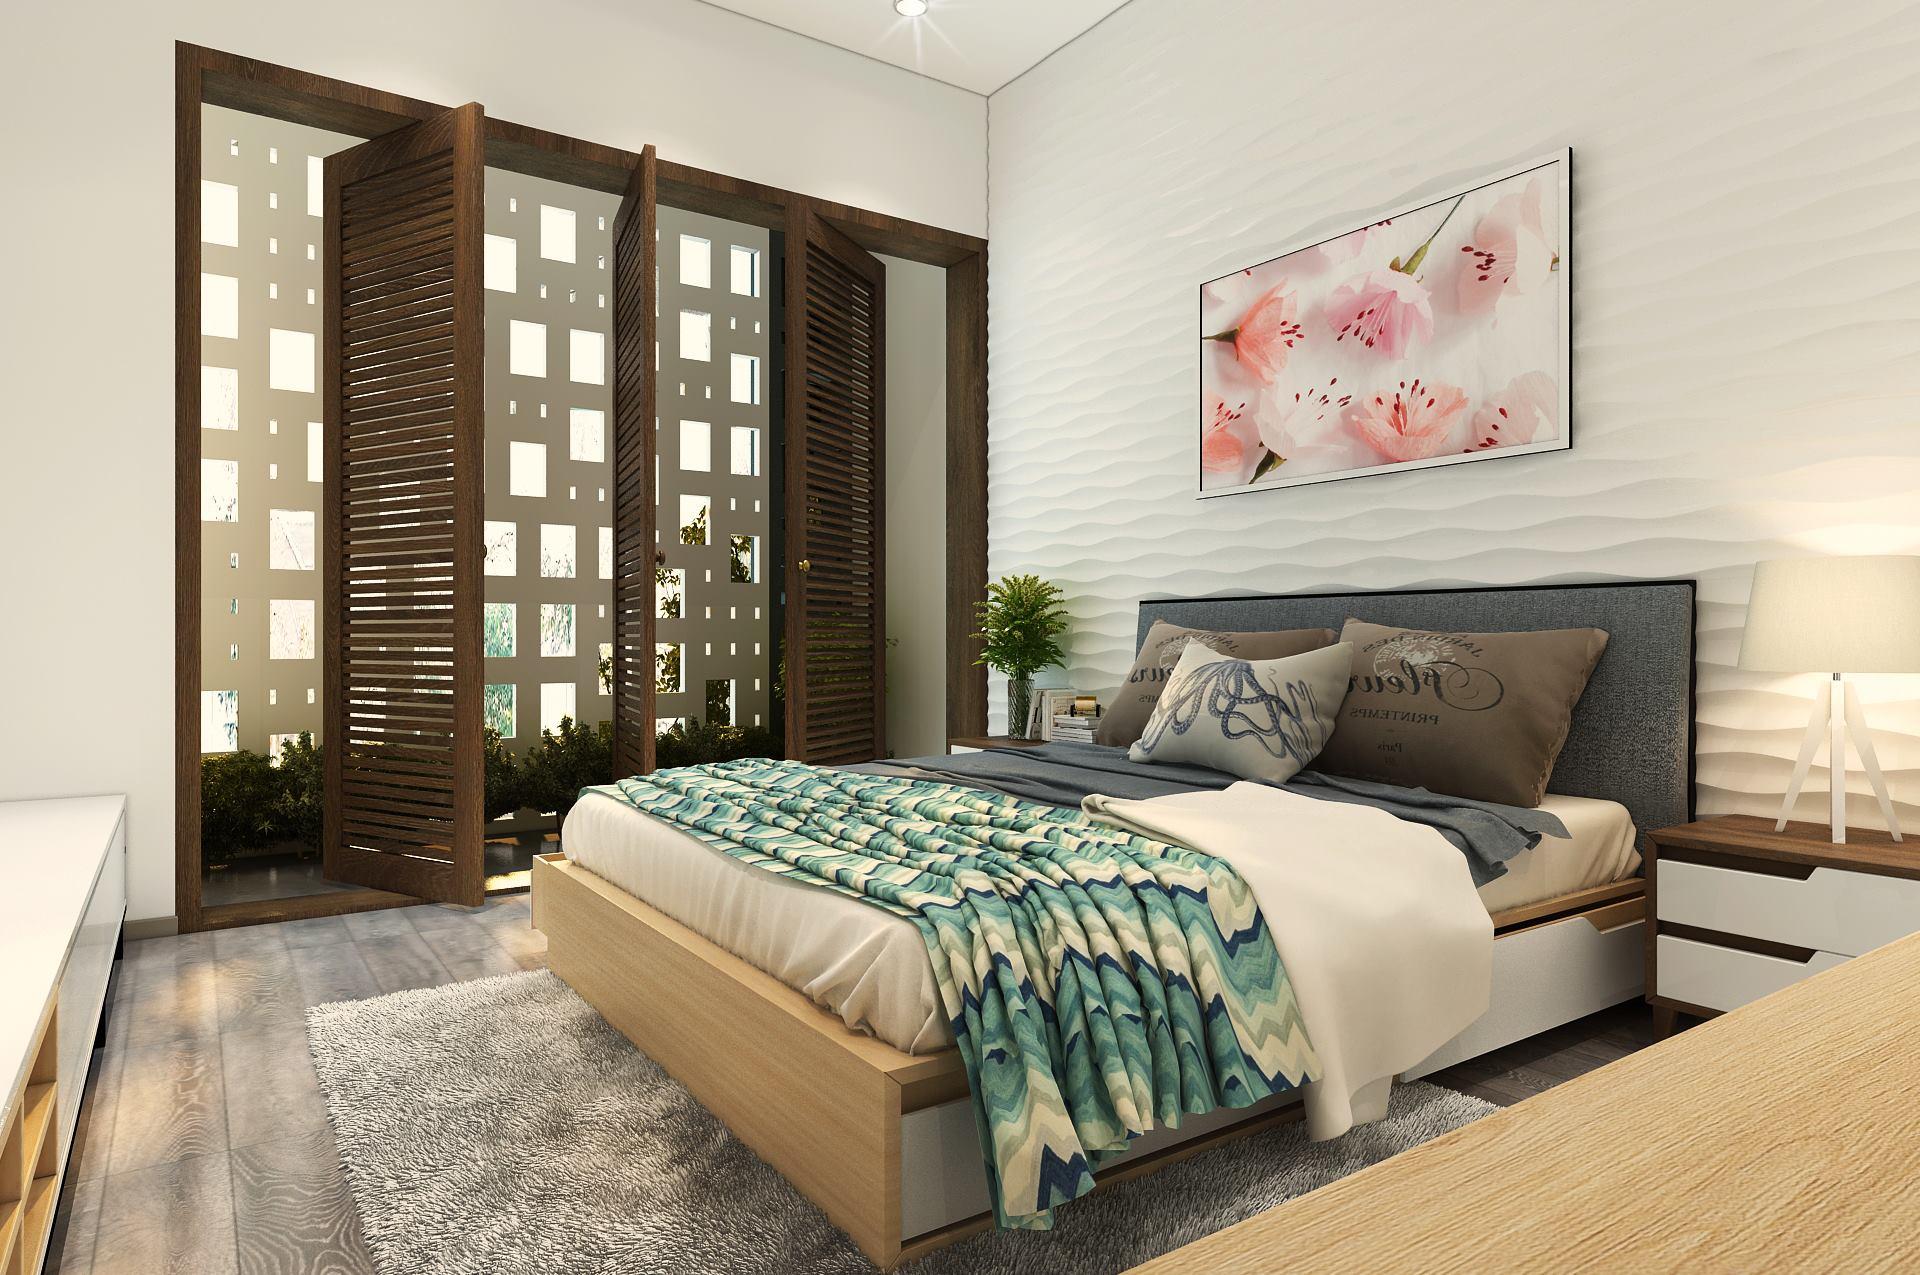 Thiết kế phòng ngủ đẹp cho chung cư nhà ống - gia đình anh Phú